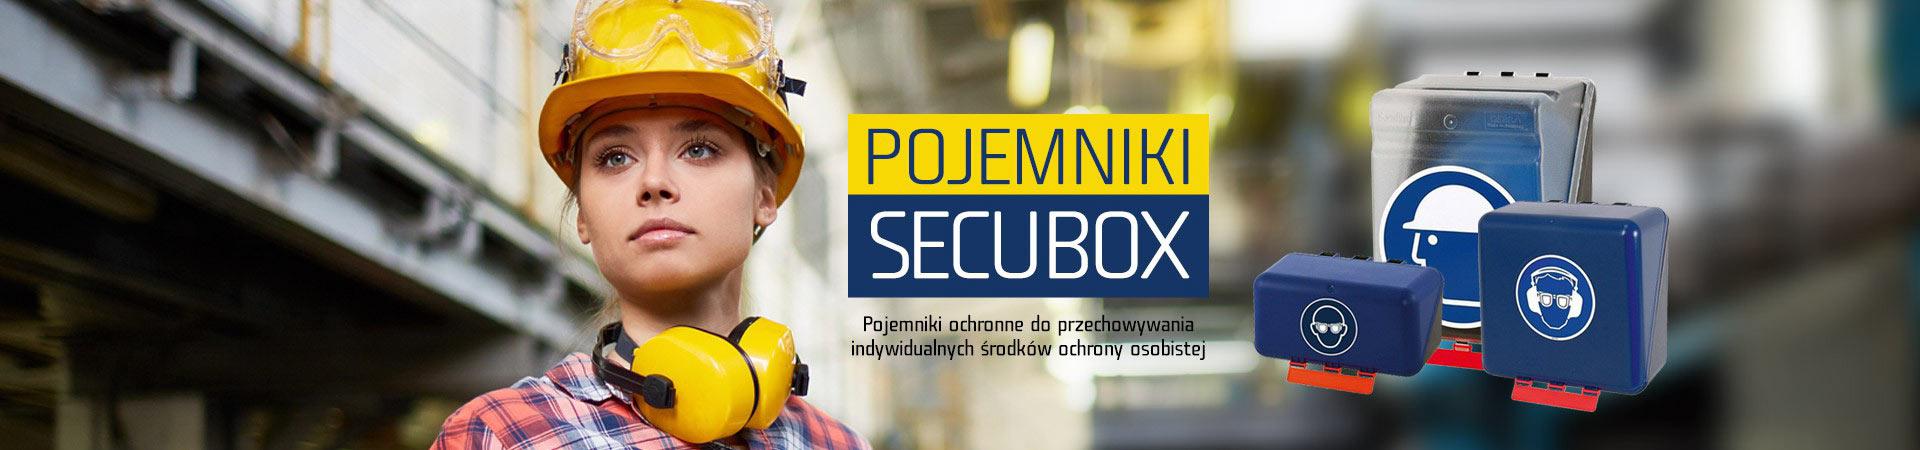 Pojemniki Secubox